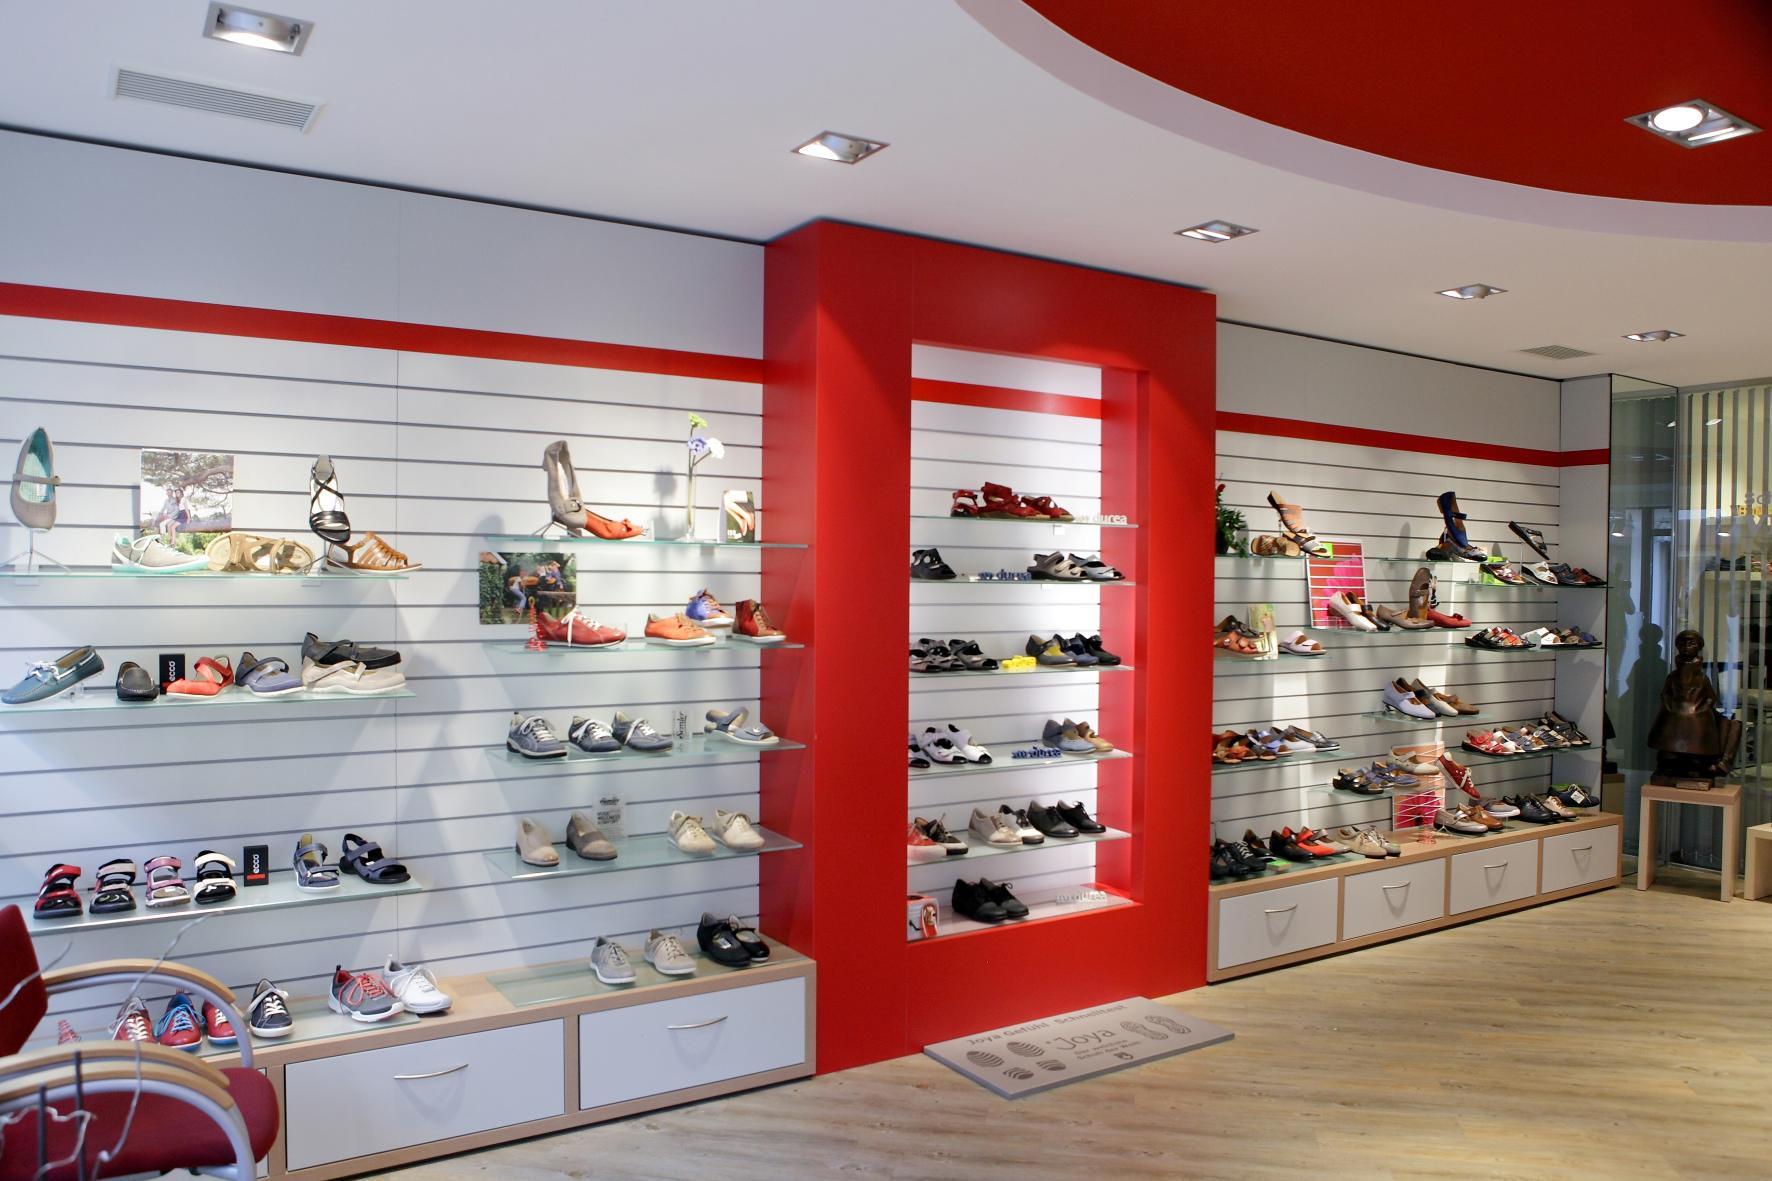 Bild der Schuhhaus Verfondern Fußorthopädie GmbH